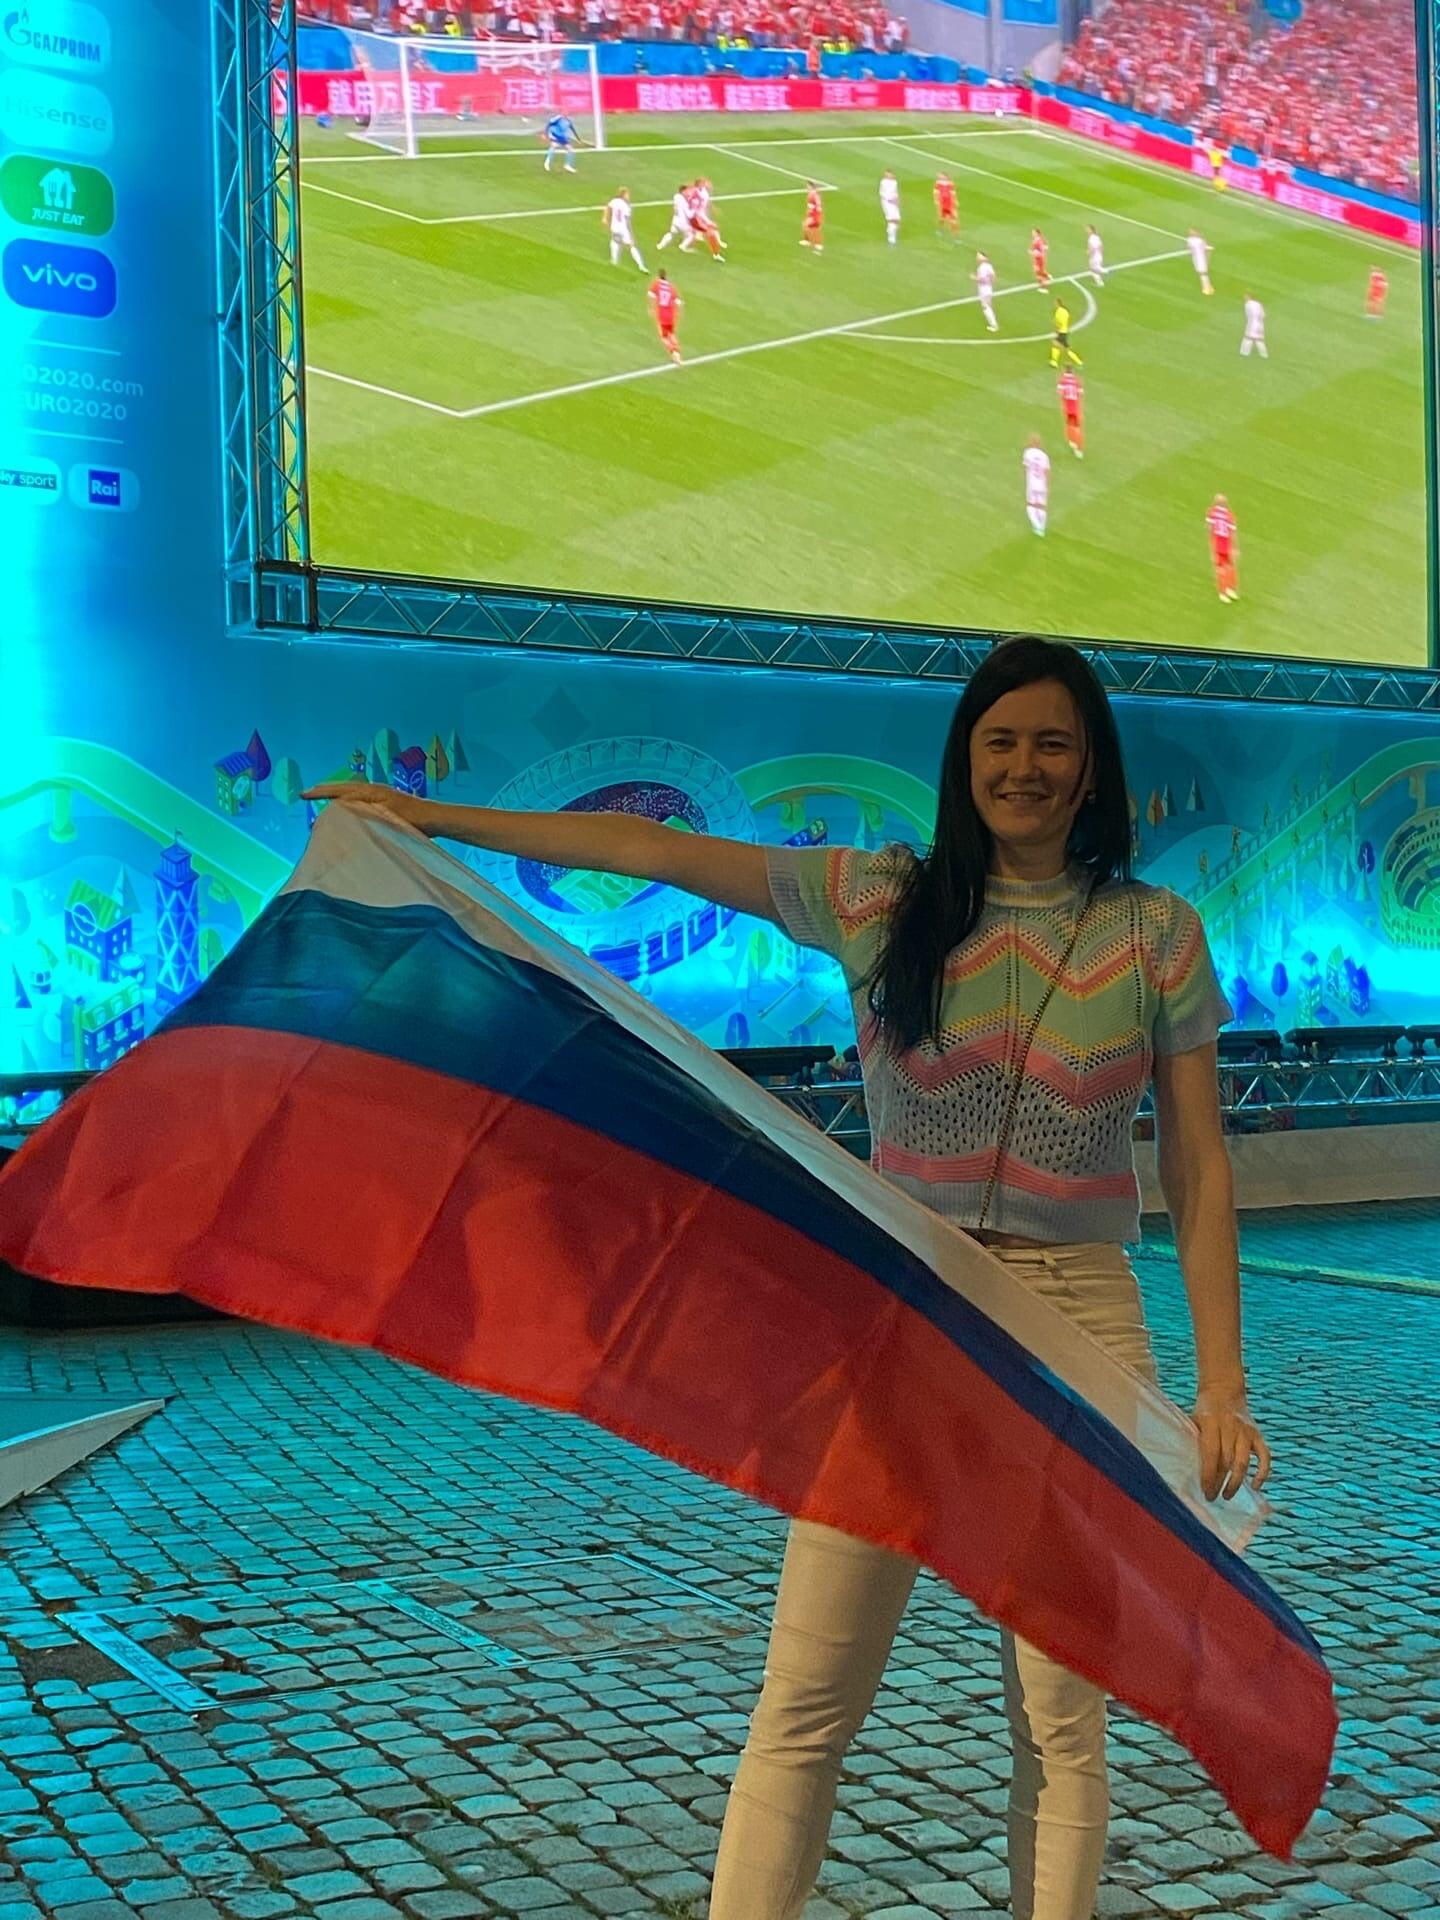 Я смотрел матч в самой красивой фан-зоне Евро: тут итальянцы пели гимн России, а потом мы вместе задыхались от безнадеги